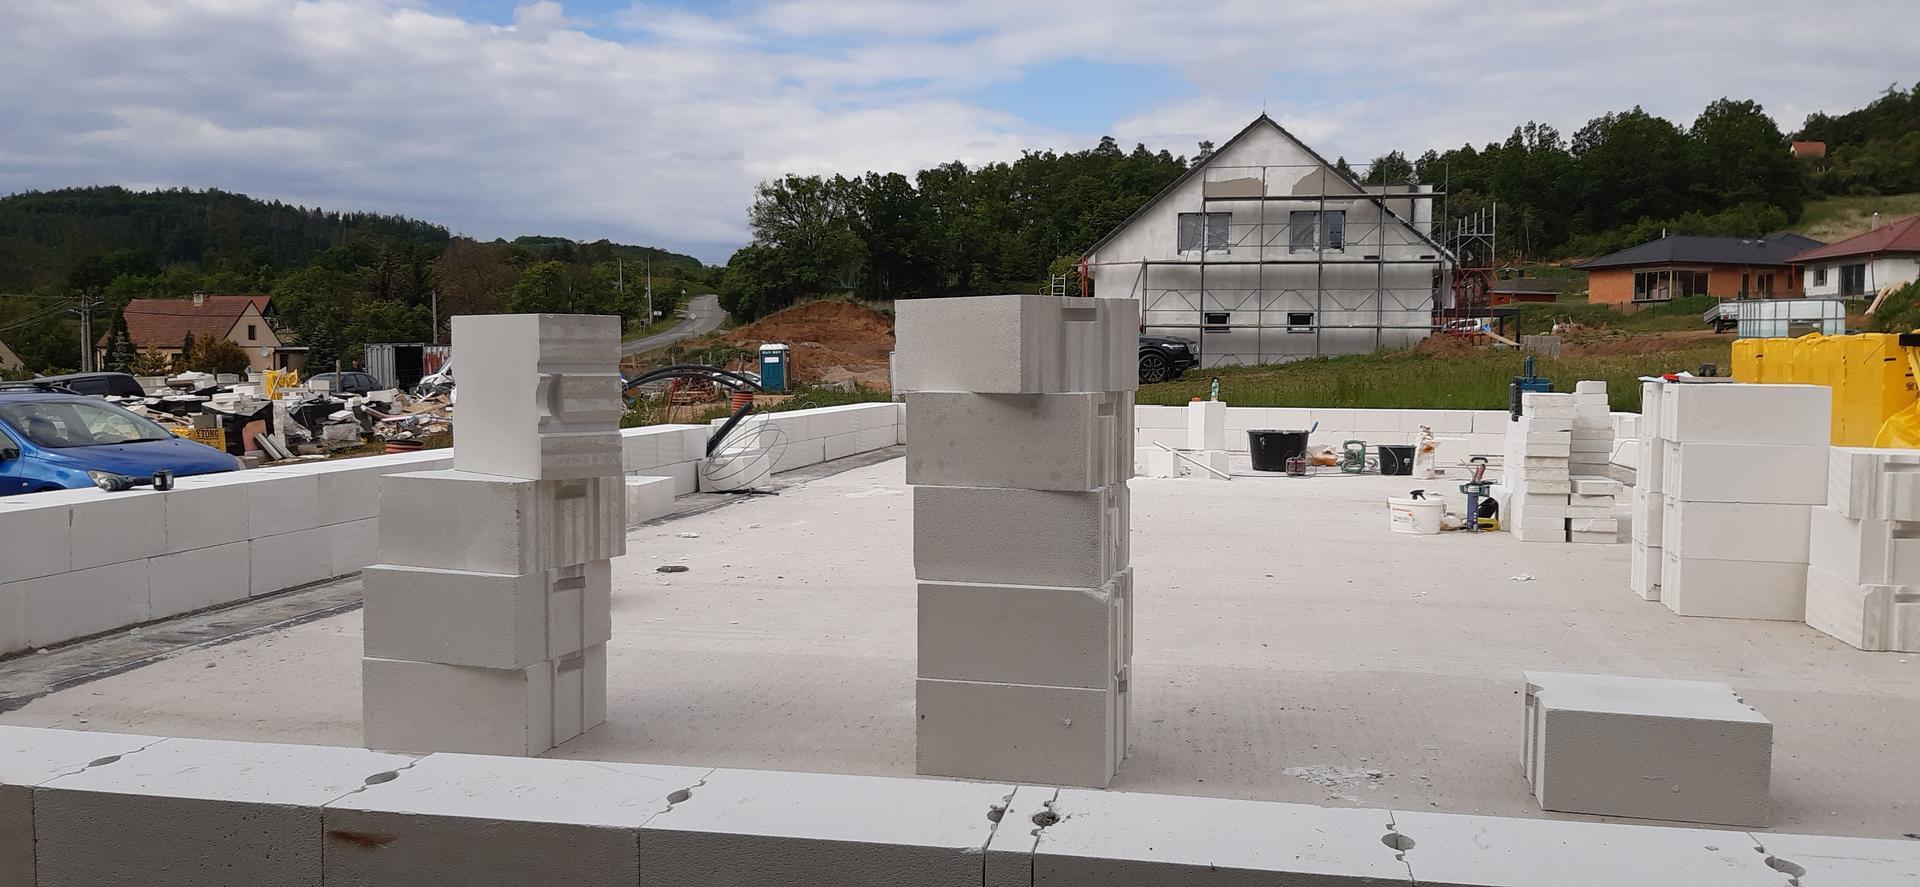 Hrubá stavba - březen - zaří 2020 - Obrázek č. 7